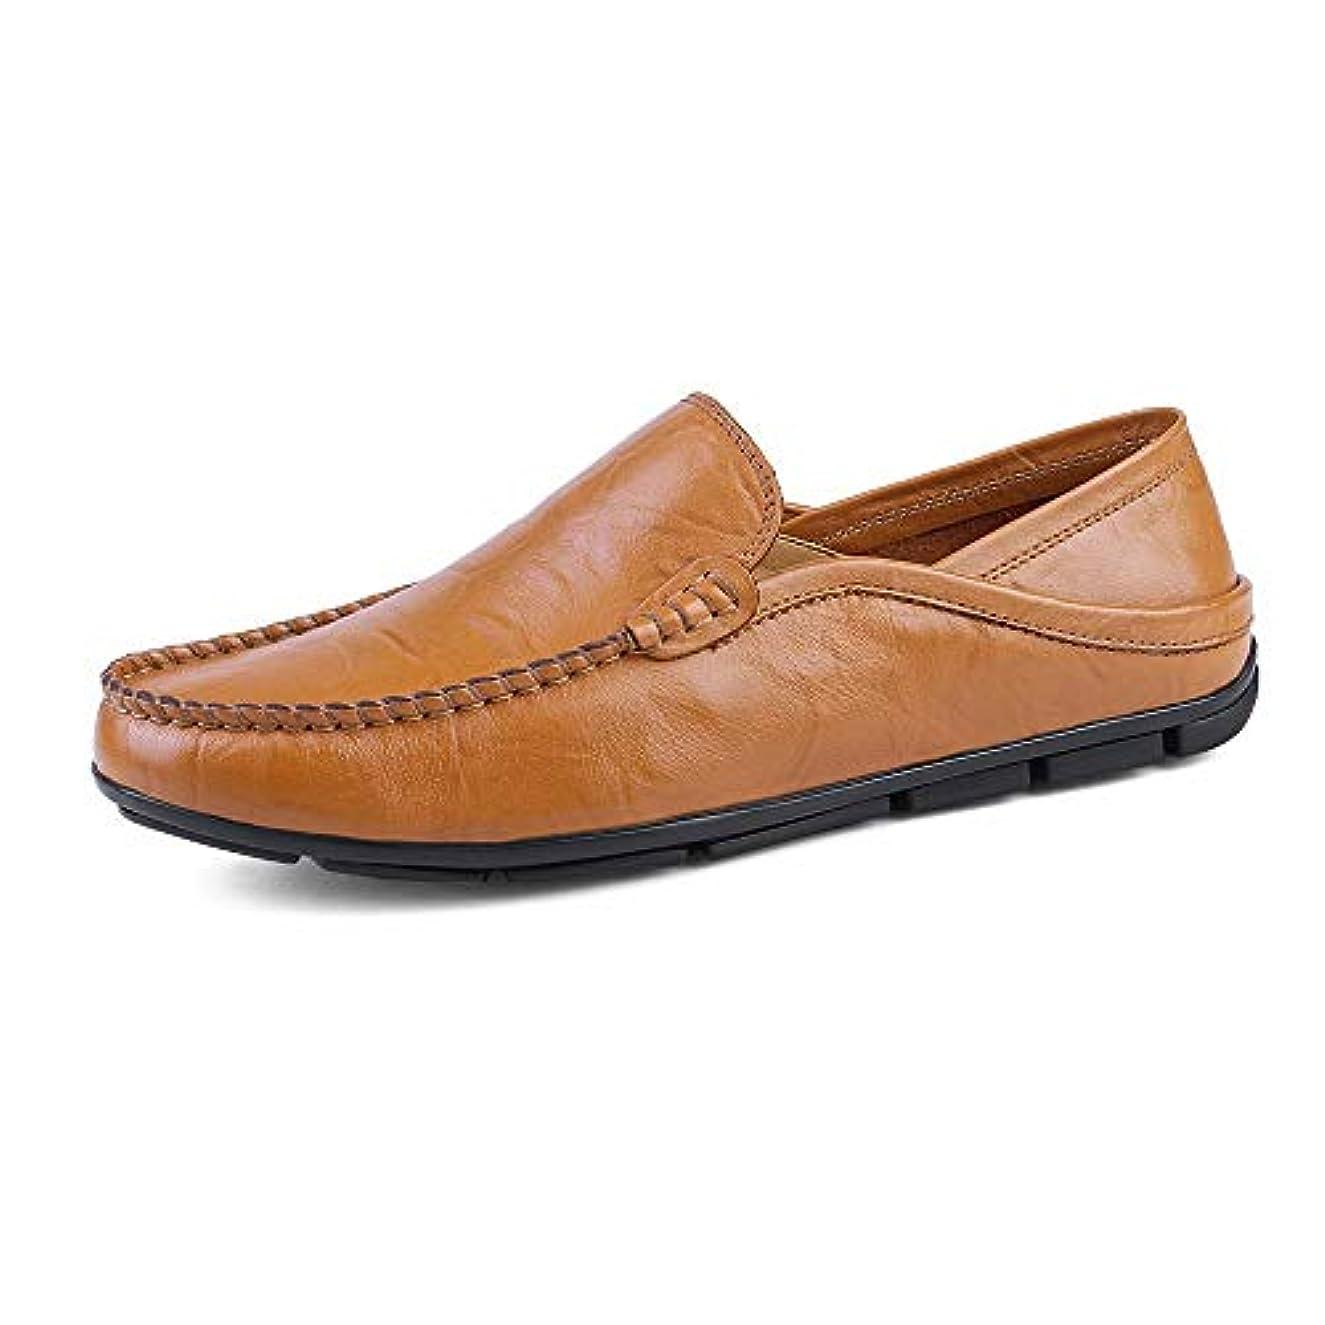 下線ハリケーン事務所メンズ 革靴 ファッション  モカシン ウェーブソール ソフト 軽量 スリッポン スリップ  ドライビングローファー 通気 (Color : 黄, サイズ : 29 CM)